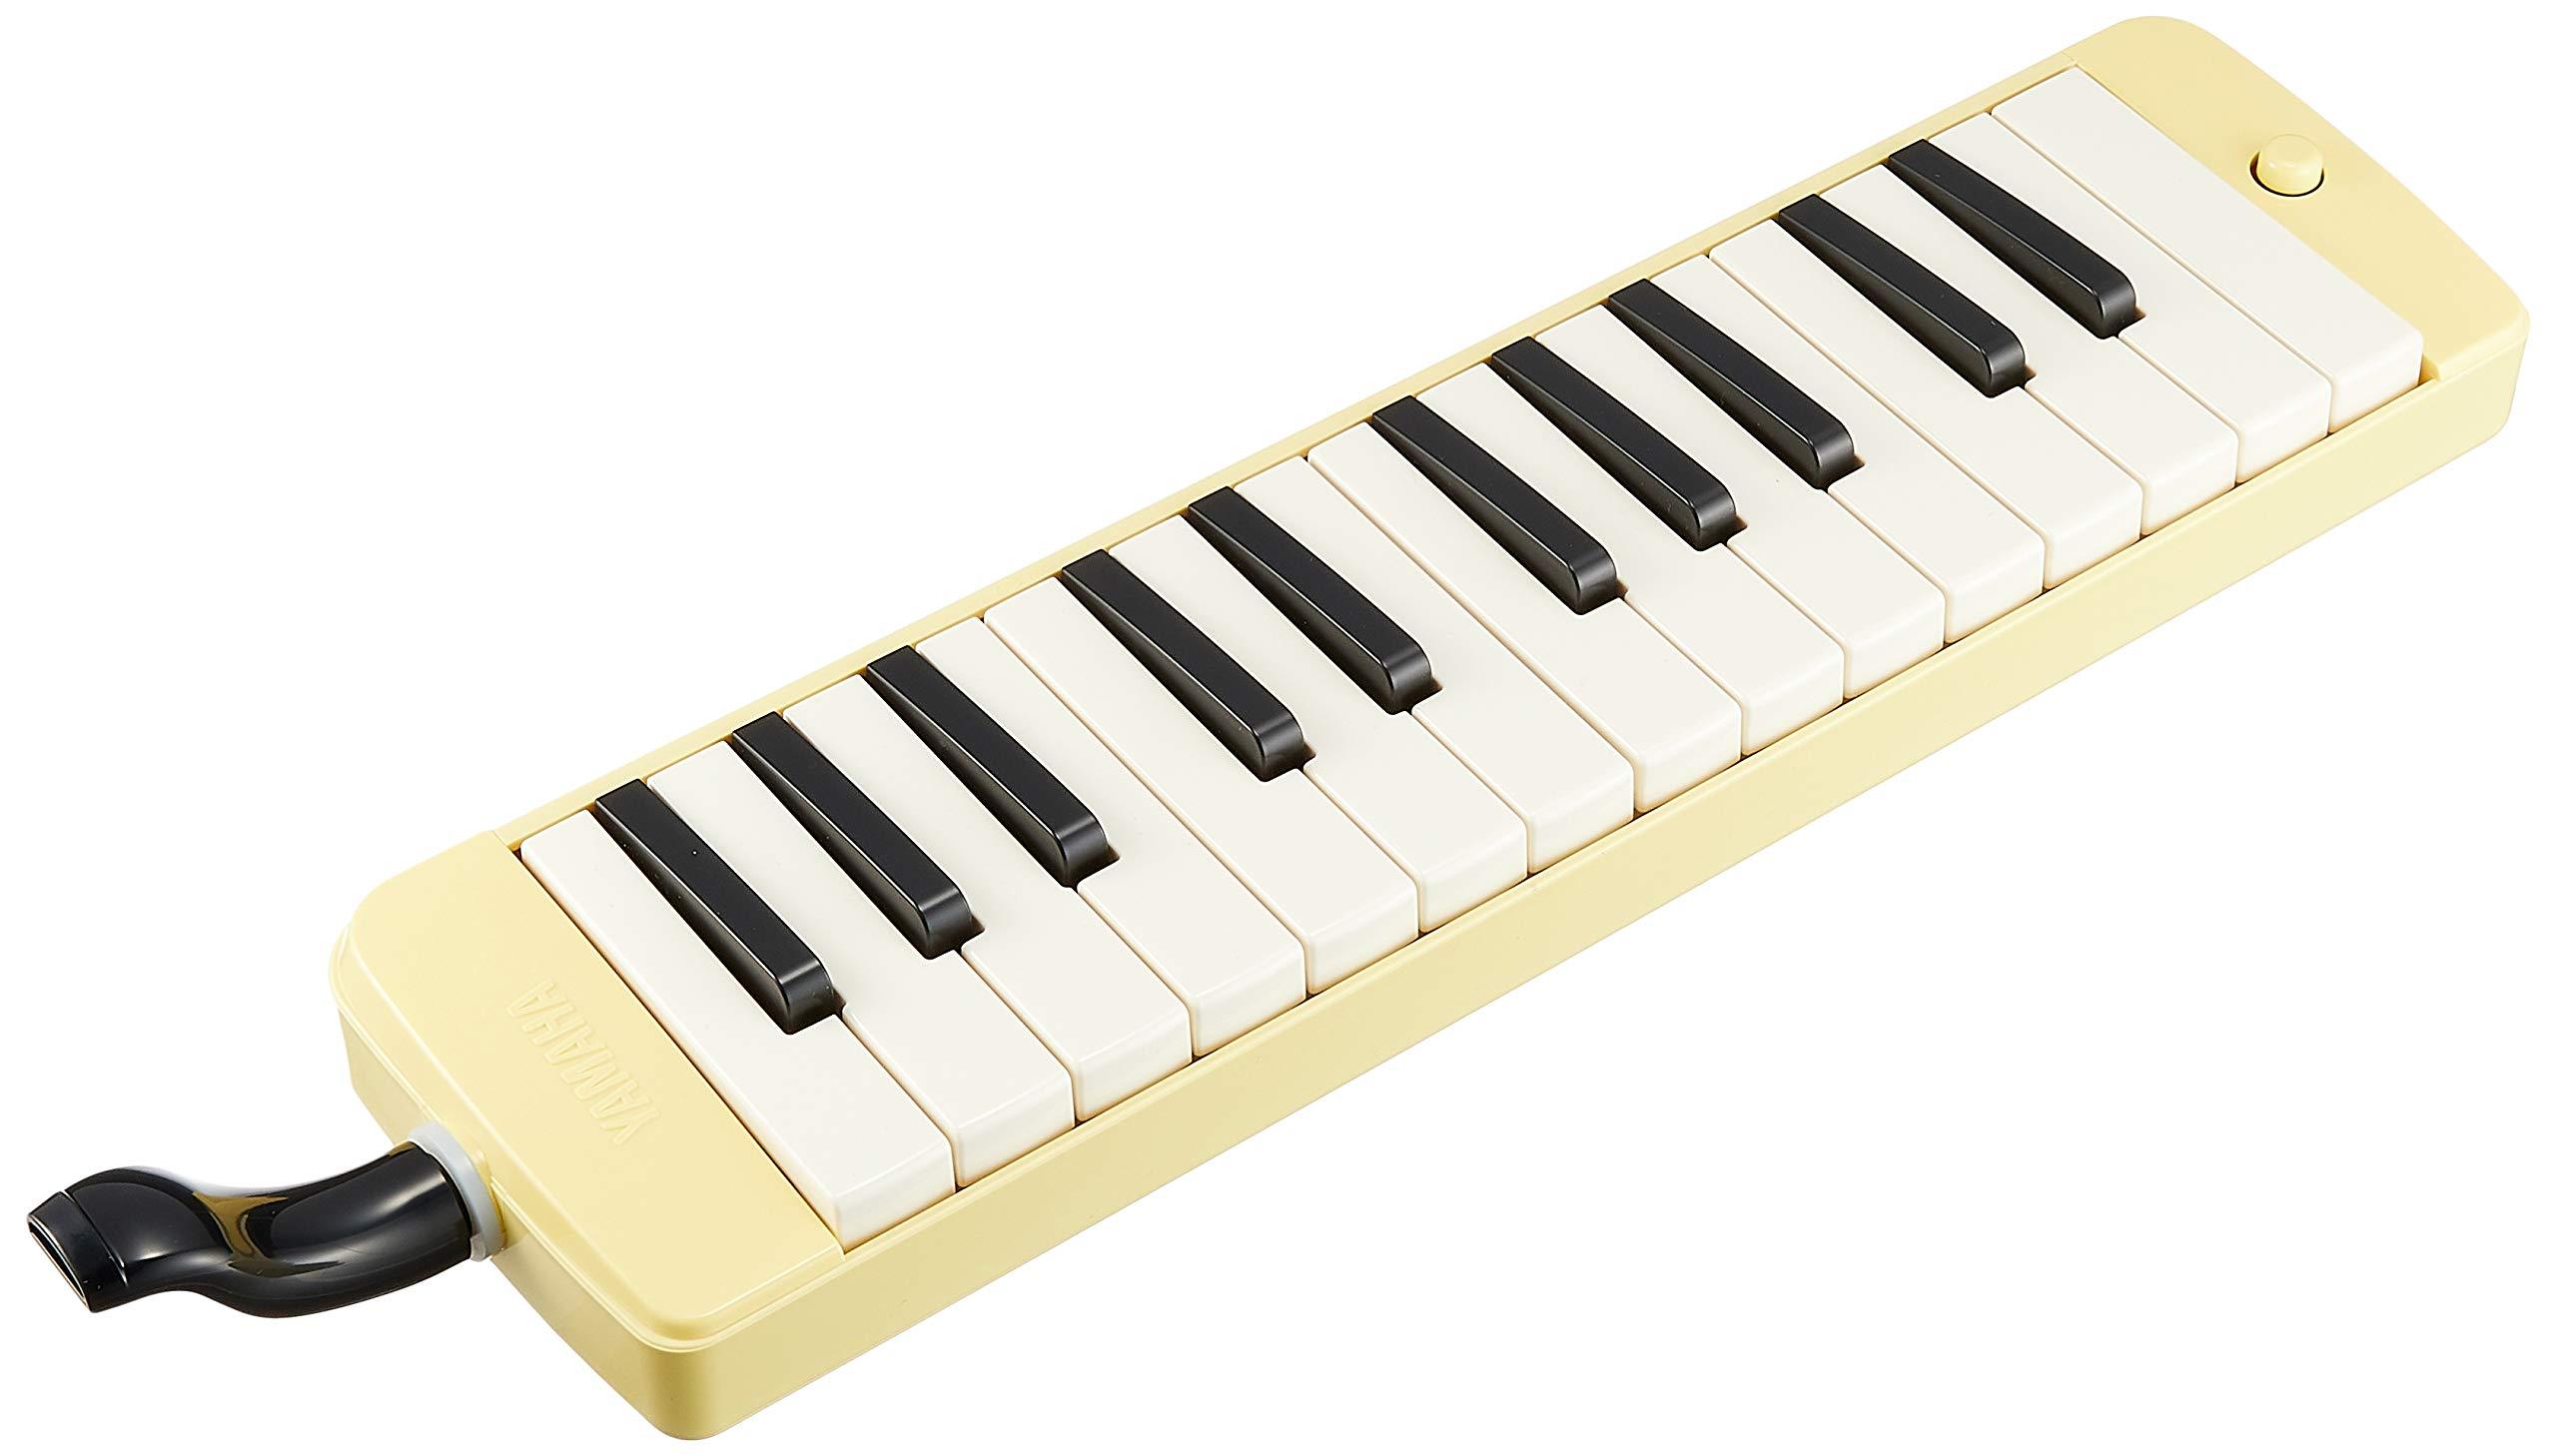 Yamaha P25F 25-Note Pianica Keyboard Wind Instrument by YAMAHA